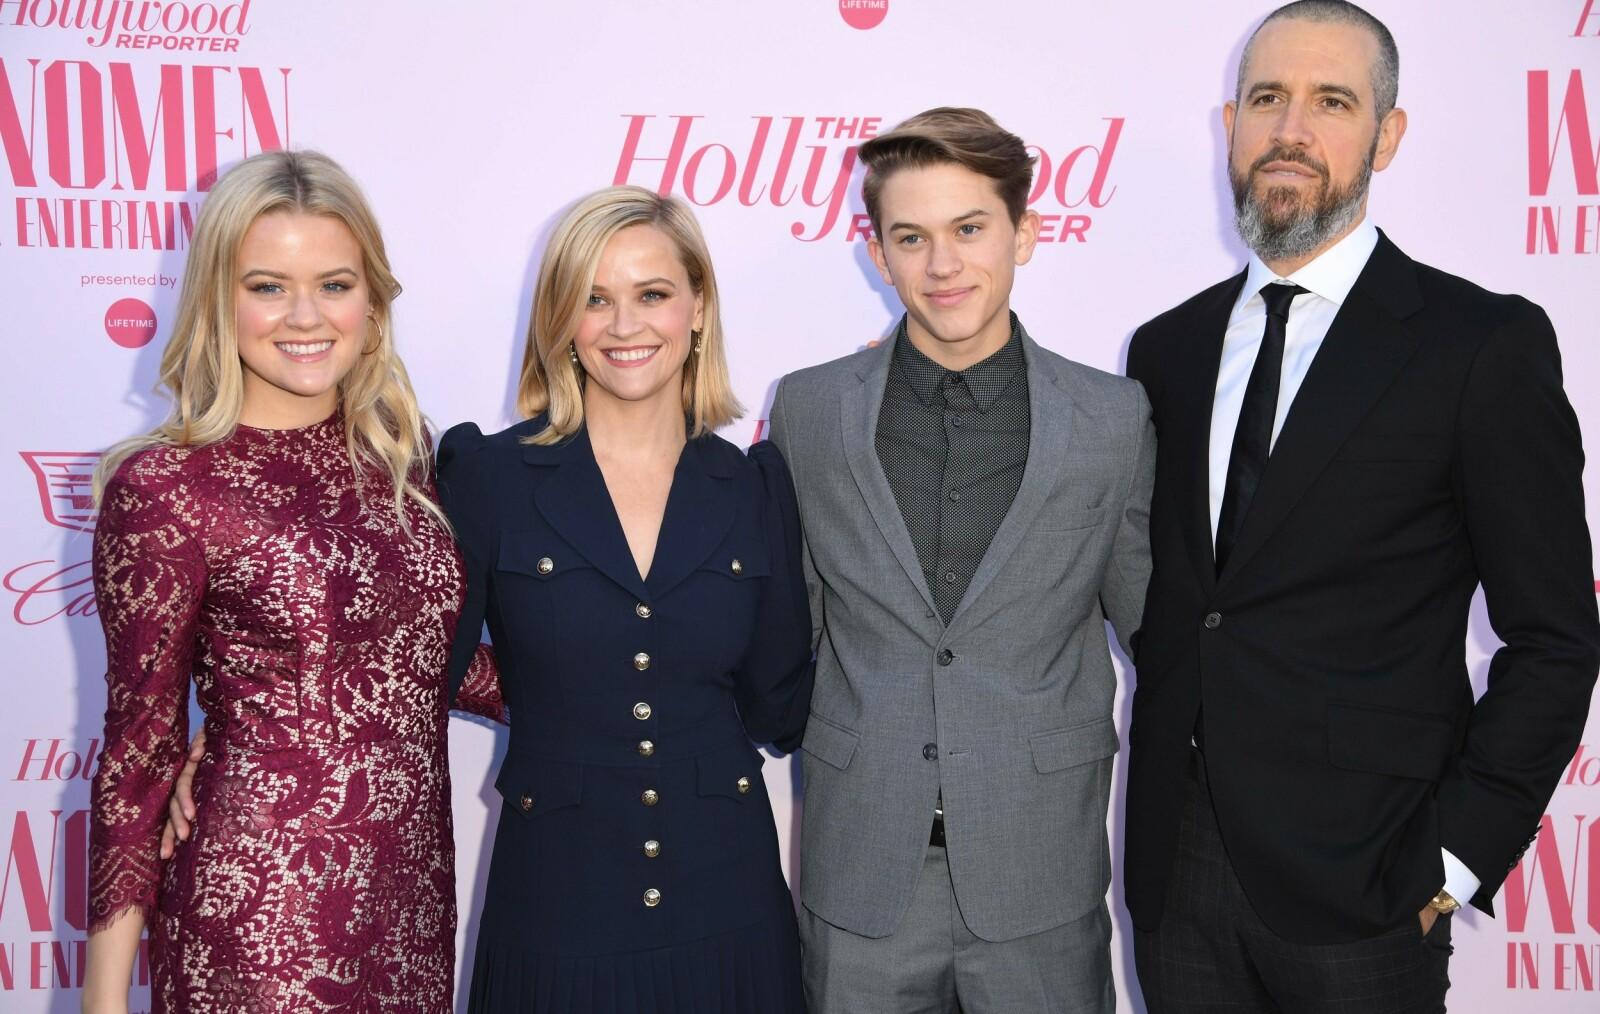 <strong>FIN FAMILIE:</strong> Reese Witherspoon med ektemannen Jim Toth og de to eldste barna Ava og Deacon under en tilstelning i 2019. Hun har også sønnen Tennessee. FOTO: NTB